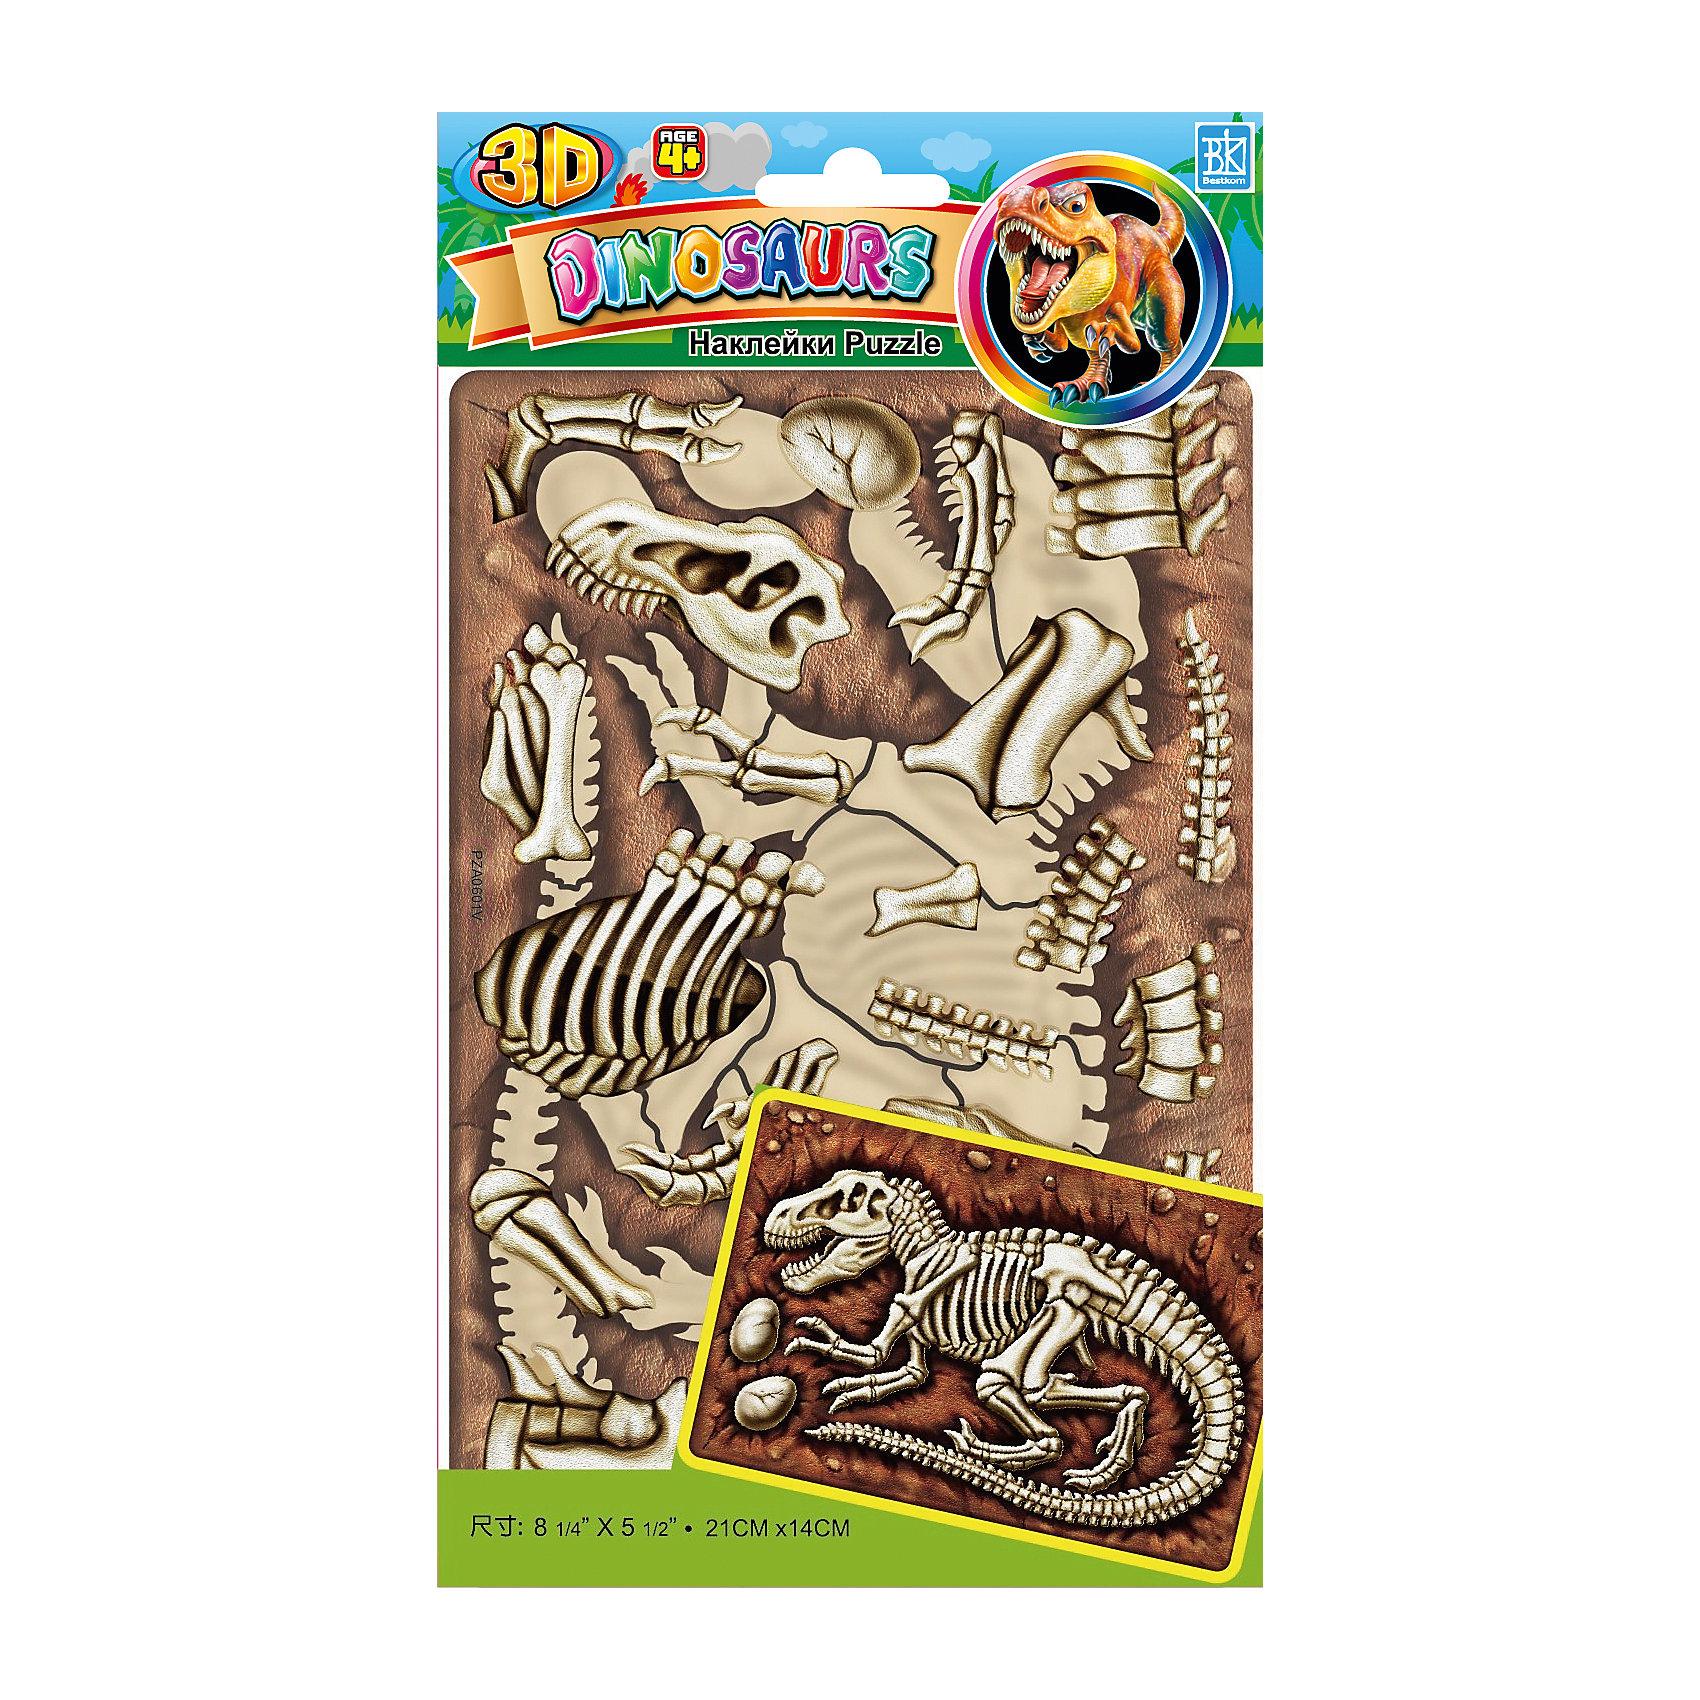 Пазл 3D Динозавры №1 мини PZA 0601, Room DecorПредметы интерьера<br>Характеристики:<br><br>• Предназначение: декор комнаты<br>• Тематика наклеек: динозавры<br>• Материал: картон, ПВХ<br>• Комплектация: 9 элементов<br>• Форма: 3d<br>• Клейкая поверхность крепится на окрашенные стены, обои, двери, деревянные панели, стекло<br>• Не повреждают поверхность<br>• Устойчивы к выцветанию и истиранию<br>• Повышенные влагостойкие свойства<br>• Размеры (ДШВ): 27,5735 см<br>• Вес: 20 г<br>• Упаковка: блистер<br><br>Все наклейки выполнены из безопасного и нетоксичного материала – ПВХ. Прочная клеевая основа обеспечивает надежное прикрепление практически к любому виду горизонтальной или вертикальной поверхности, при этом не деформируя и не повреждая ее. Наклейки обладают влагоустойчивыми свойствами, поэтому они хорошо переносят влажную уборку. <br><br>Пазл 3D Динозавры №1 мини PZA 0601, Room Decor состоит из набора, в который входят 9 элементов с изображением частей скелета динозавра. Чтобы получить полную картинку, необходимо правильно приклеить все элементы на поверхность. <br><br>Пазл 3D Динозавры №1 мини PZA 0601, Room Decor можно купить в нашем интернет-магазине.<br><br>Ширина мм: 275<br>Глубина мм: 70<br>Высота мм: 350<br>Вес г: 20<br>Возраст от месяцев: 36<br>Возраст до месяцев: 168<br>Пол: Унисекс<br>Возраст: Детский<br>SKU: 5513043